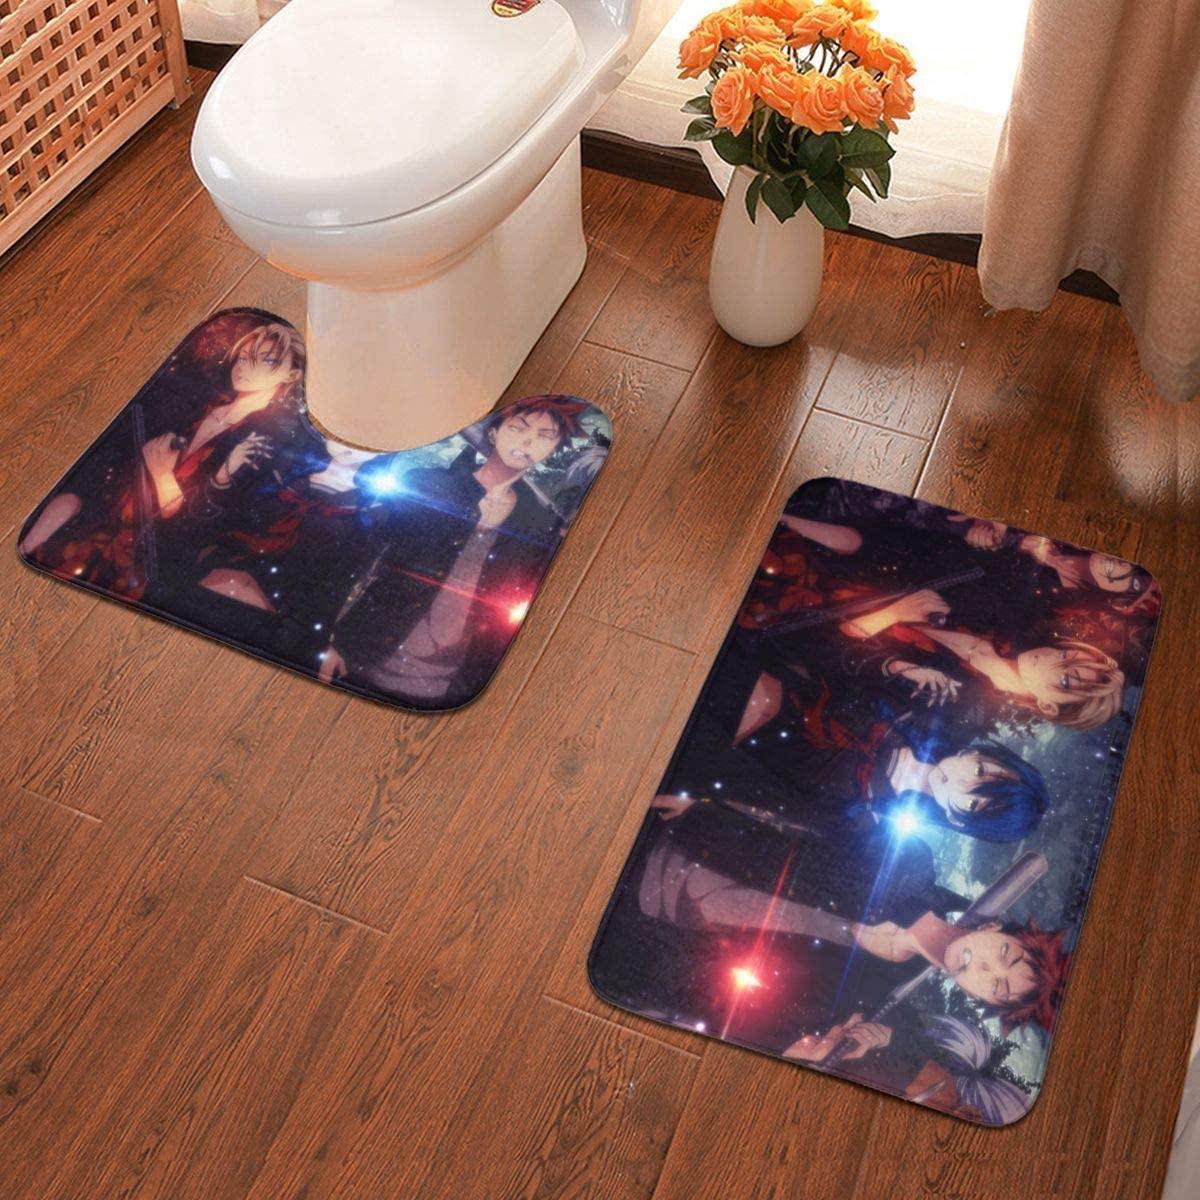 Boweike Food Warsï¼Shokugeki No Soma Bathroom Antiskid Pad Non-Slip Bath Carpet Floor Mat Rug 2 Sets -Floor Mat+U-Shaped Pad, Toilet Washable Blanket Mats for Bathroom Home Shower